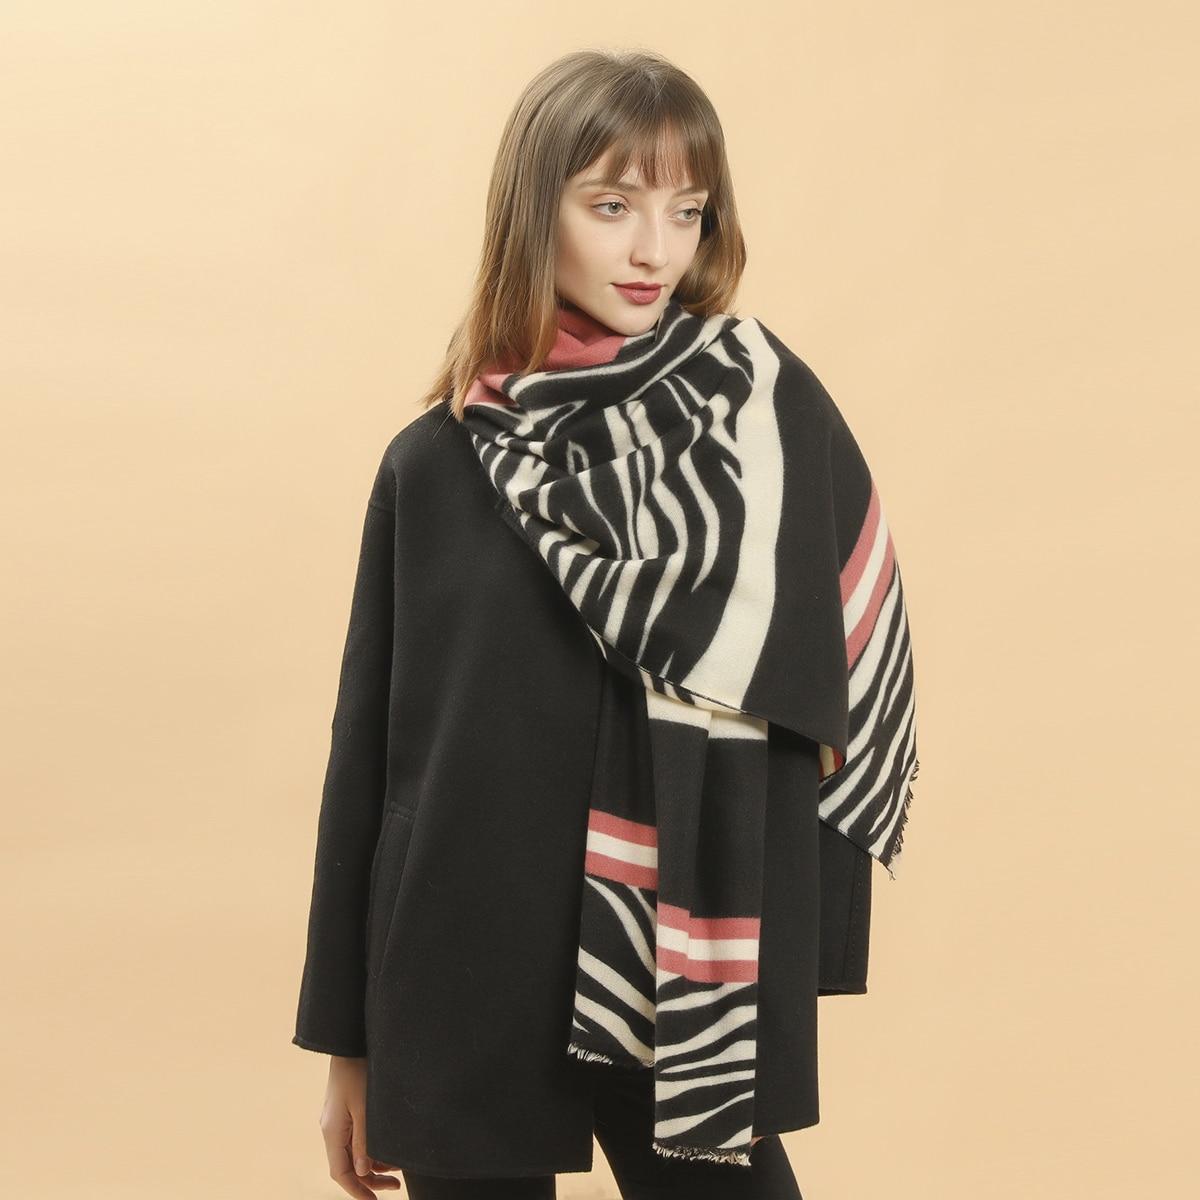 shein Zebra gestreepte patroon sjaal